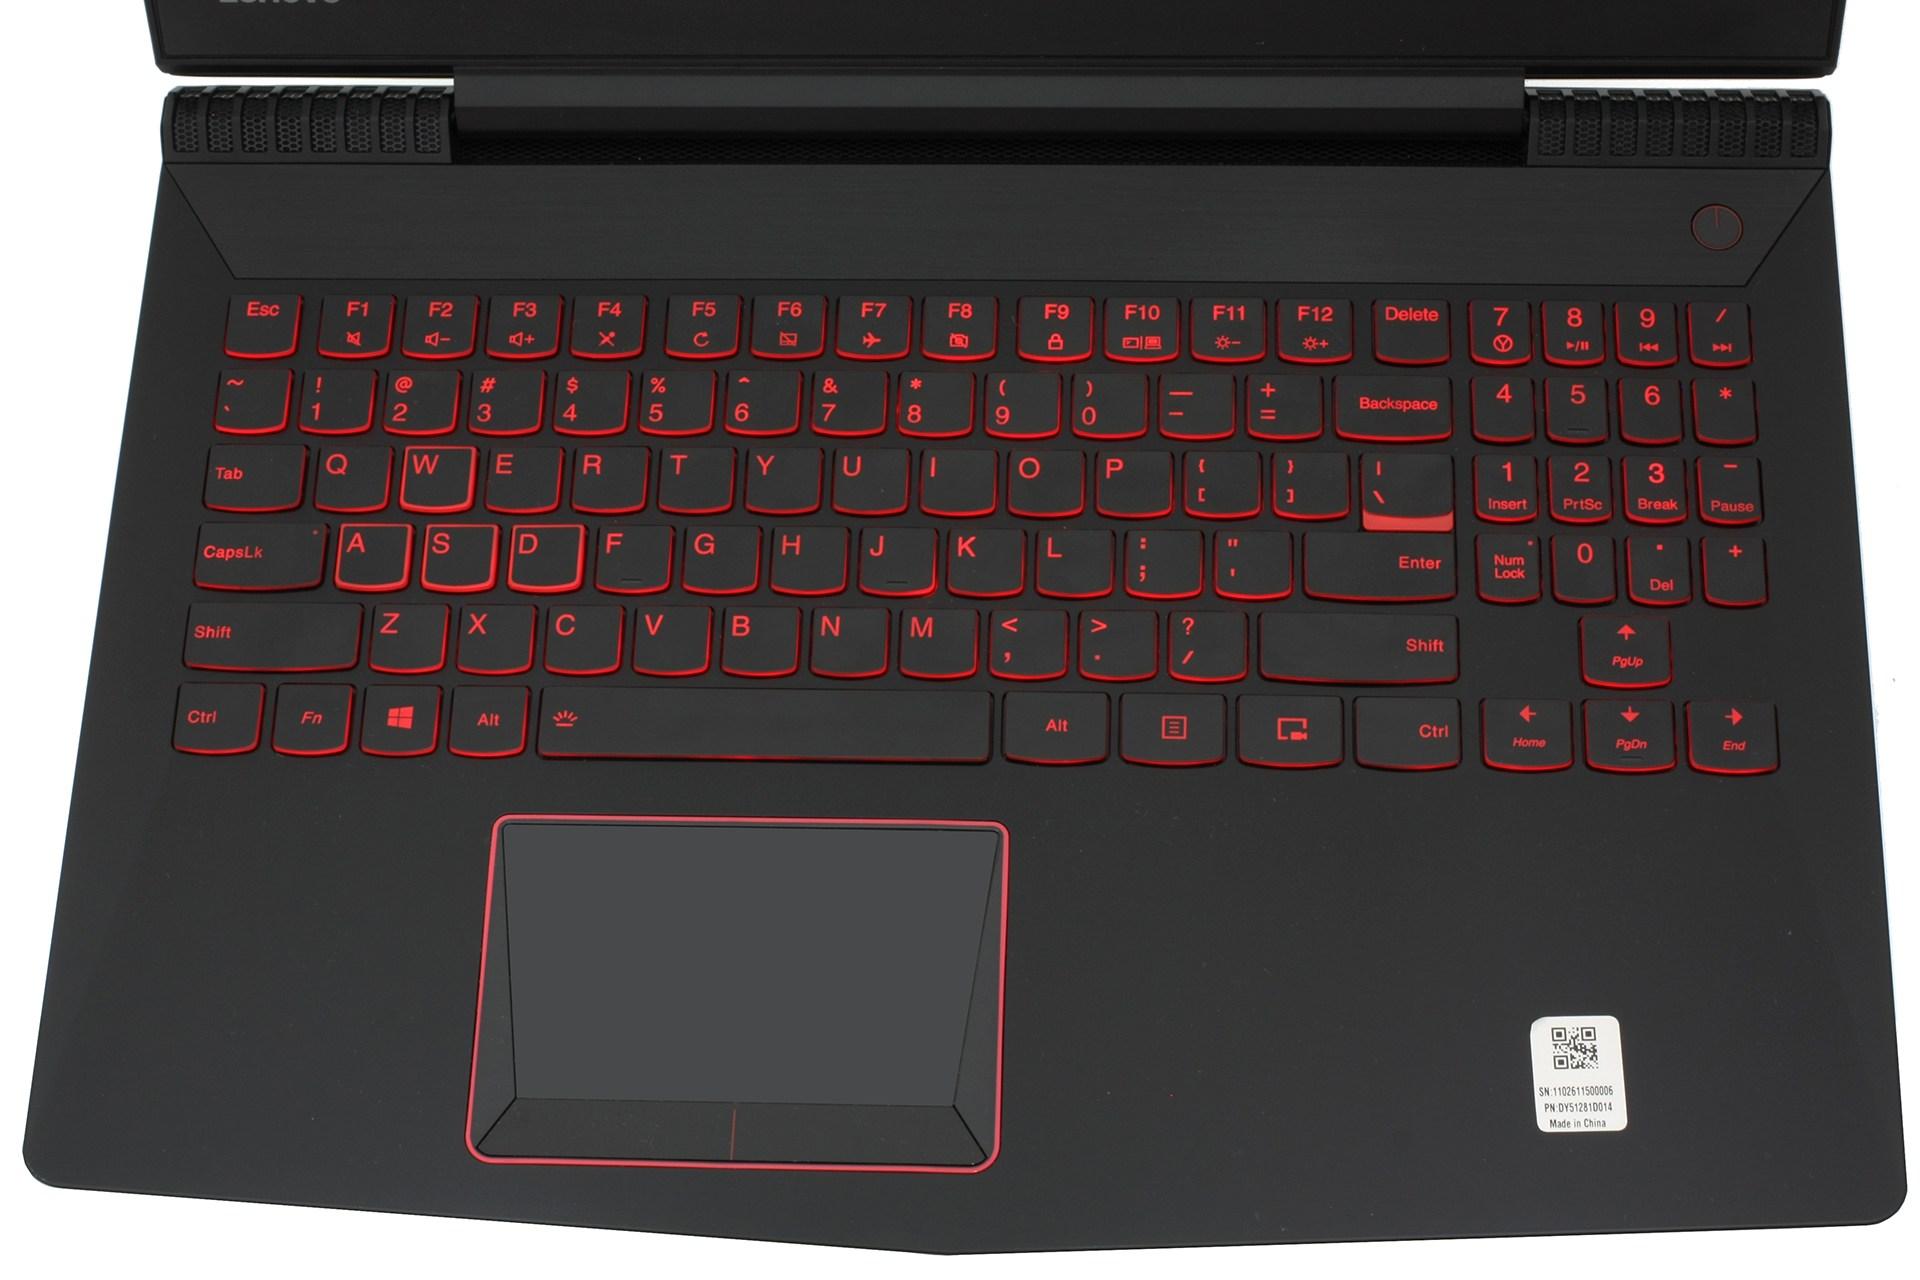 Review ปุ่ม FN ของ Lenovo legion Y520 และปัญหาต่างๆ - Pantip